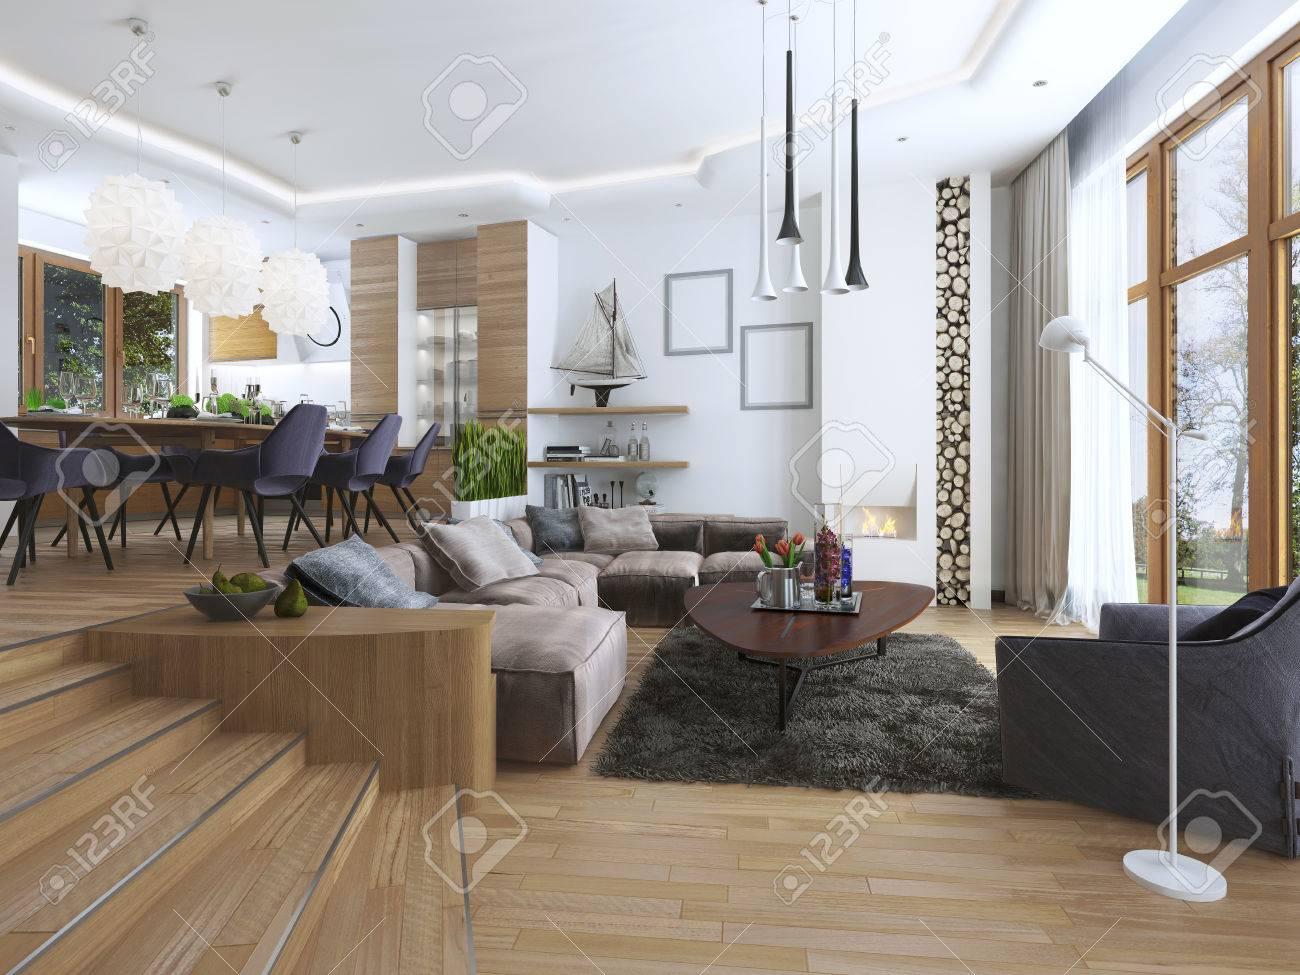 La stanza è un monolocale con cucina e zona pranzo e un soggiorno al